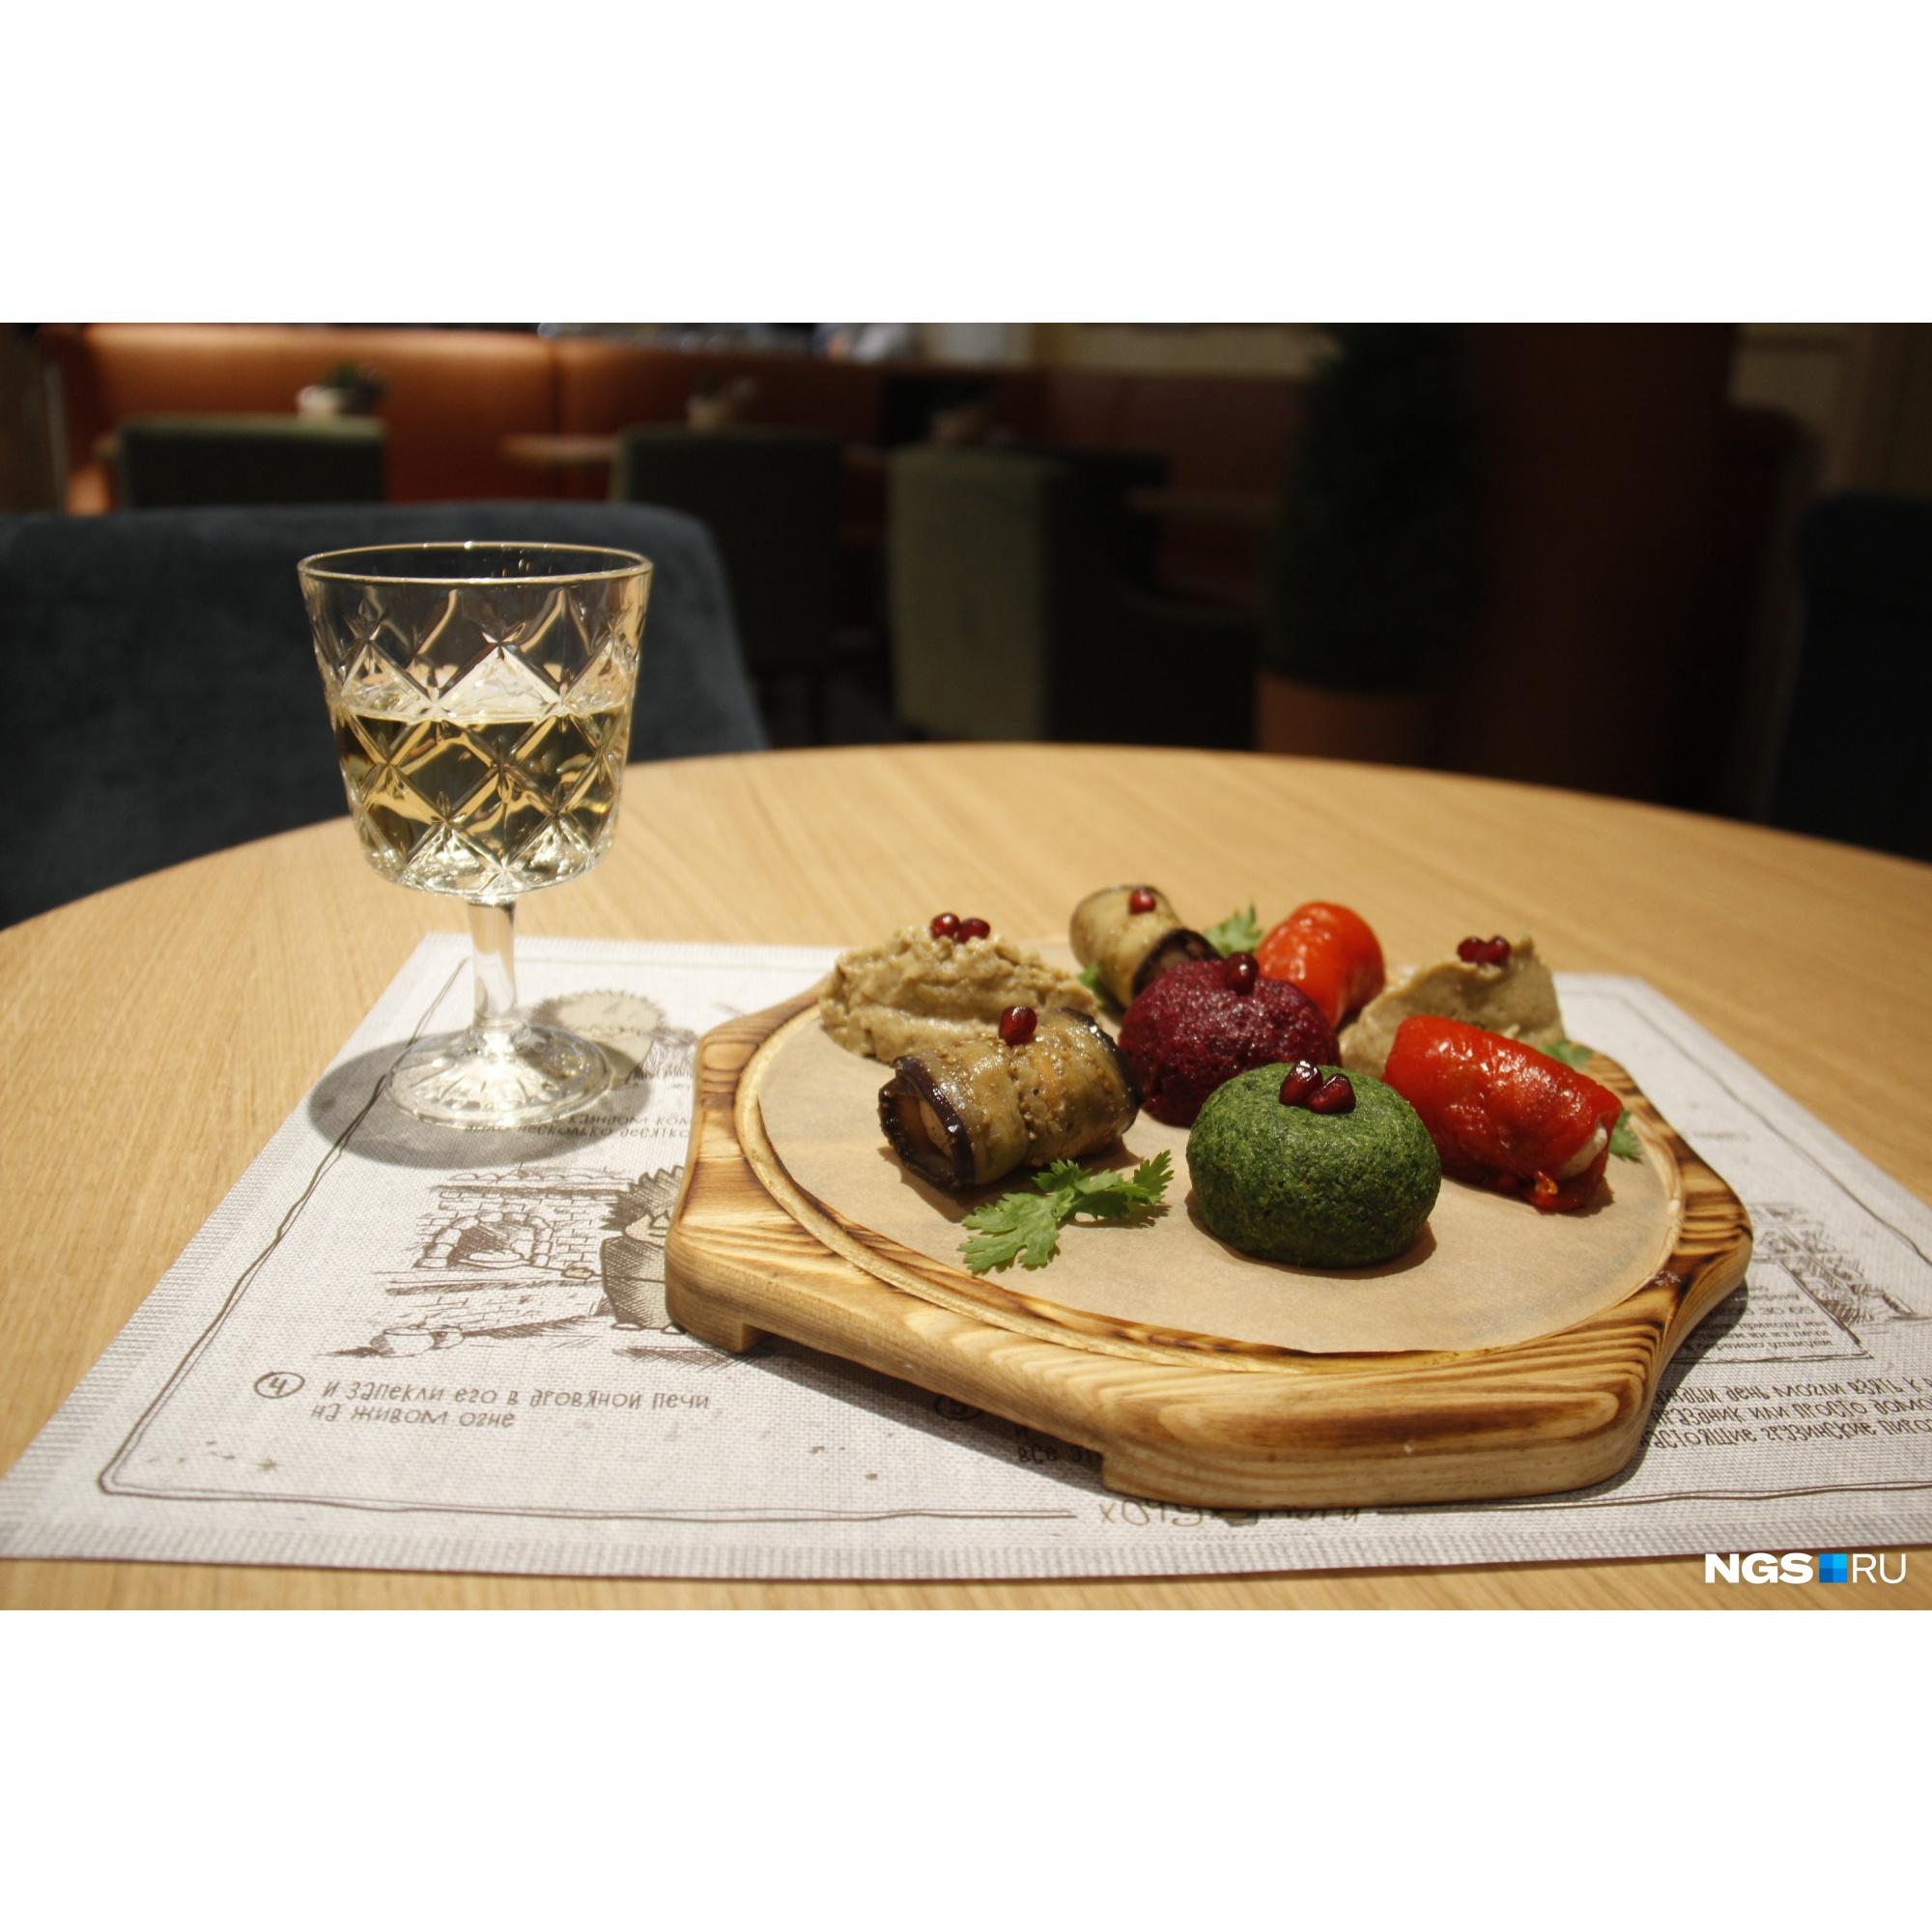 Чего ресторану действительно не хватает для создания правильной грузинской атмосферы, так это доступного лёгкого вина. Цена бокала — 190 рублей. В Грузии за эти деньги можно купить такого вина литра два